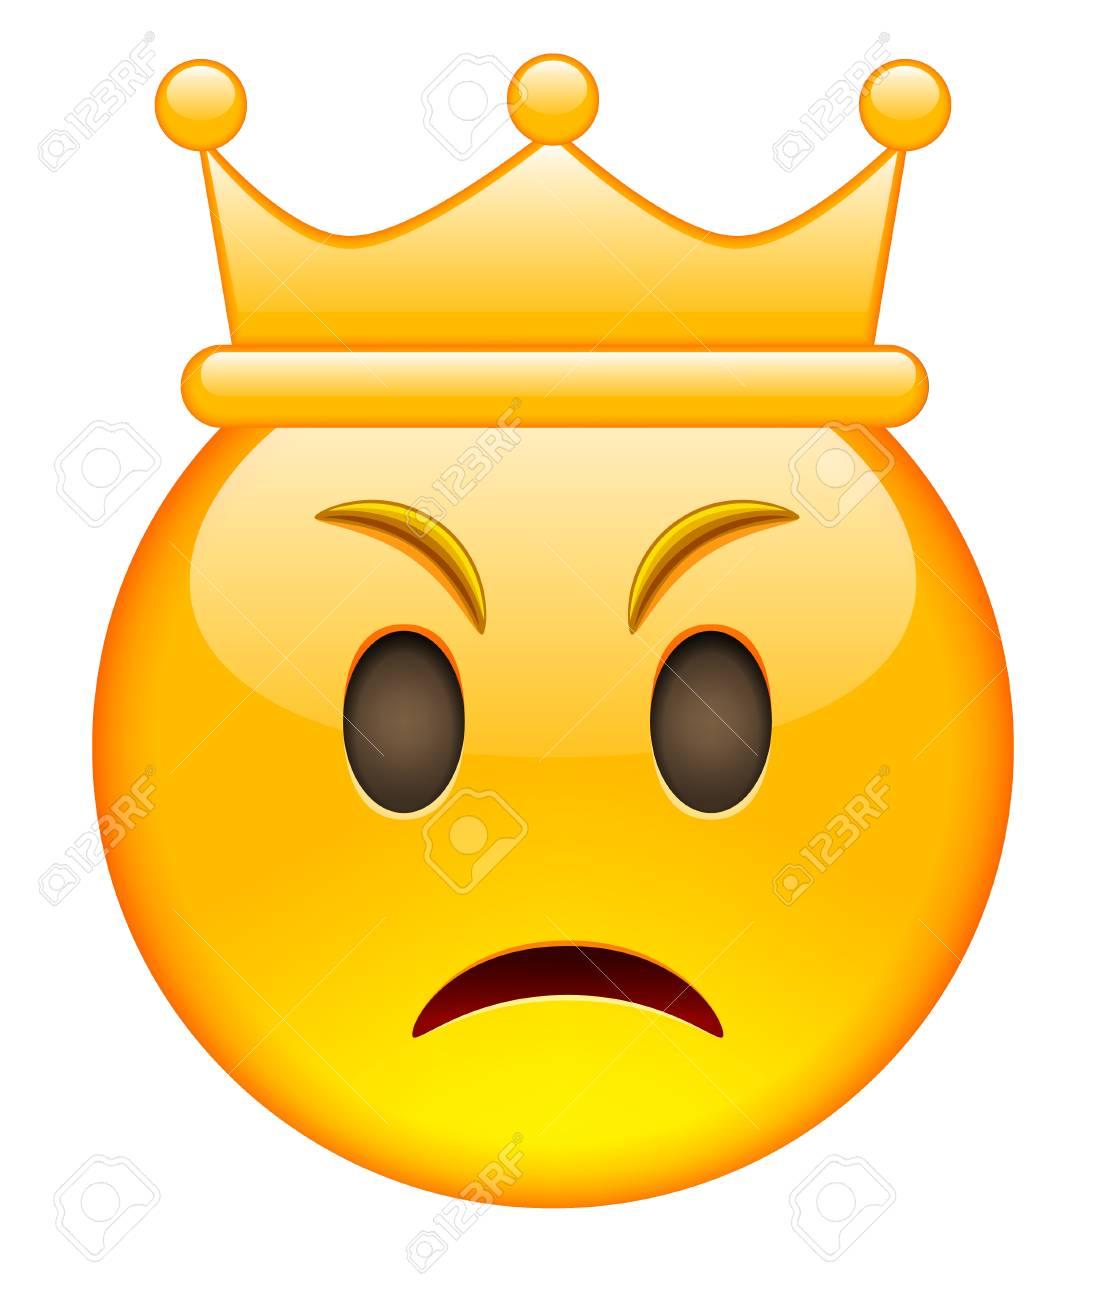 クラウンと怒っている顔 クラウンと怒っている絵文字 クラウンと怒っている笑顔の顔文字 白い背景の上の孤立したベクトル図のイラスト素材 ベクタ Image